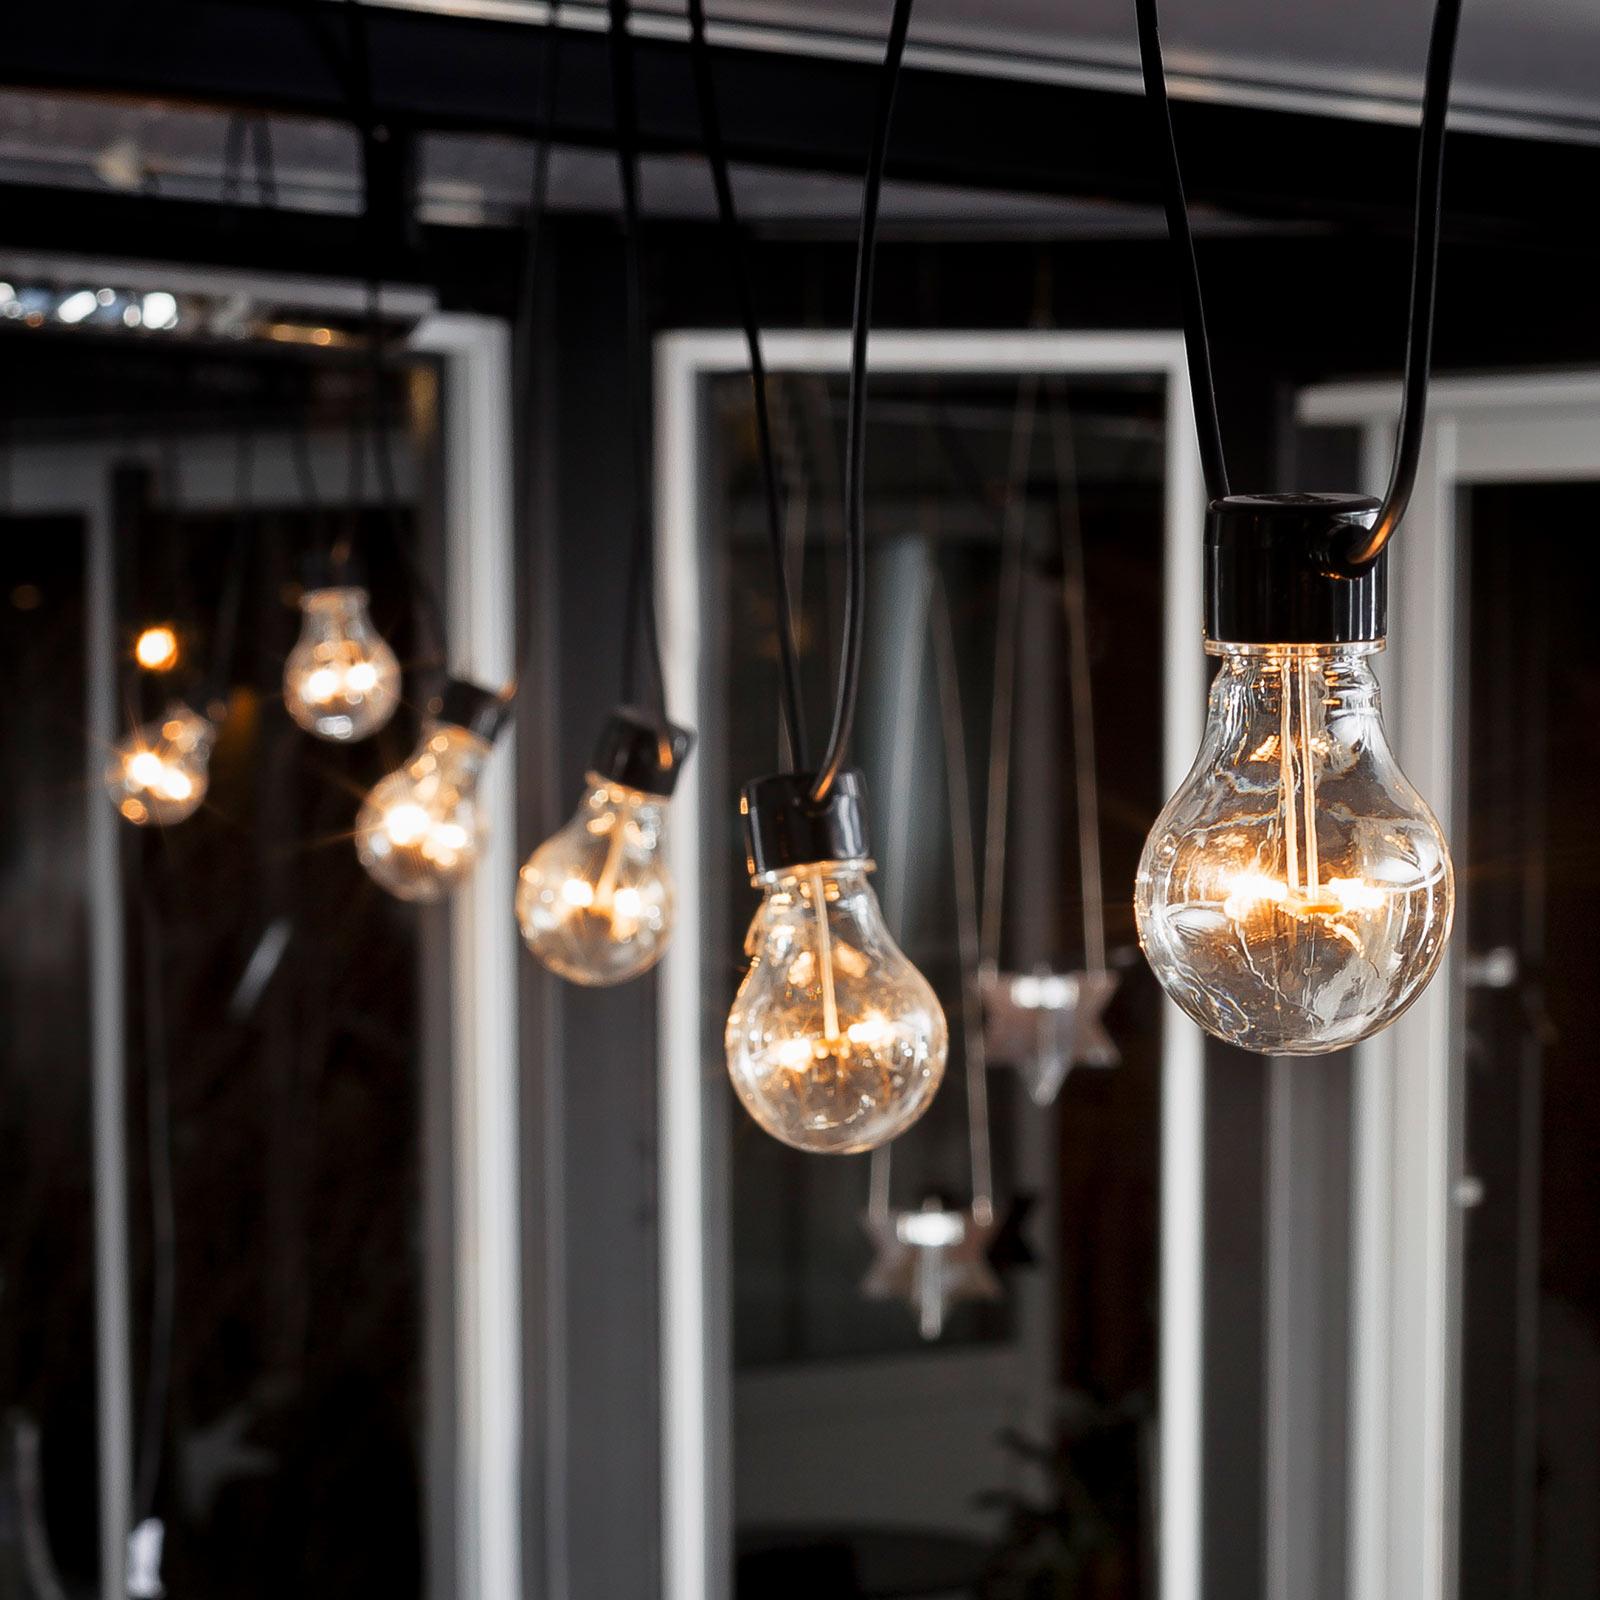 LED-ljusslinga Uteservering utvidgning, bärnsten